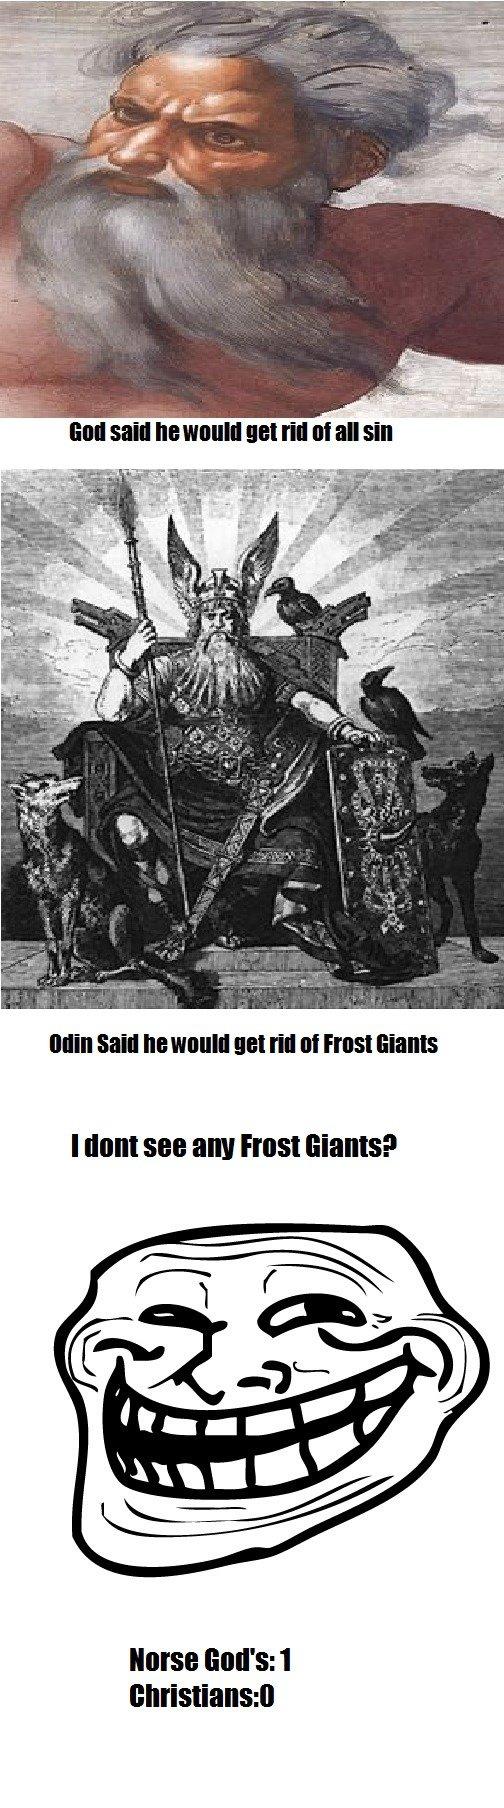 Norse God's. 100% Oc. J. rfi. libi. 100% repost